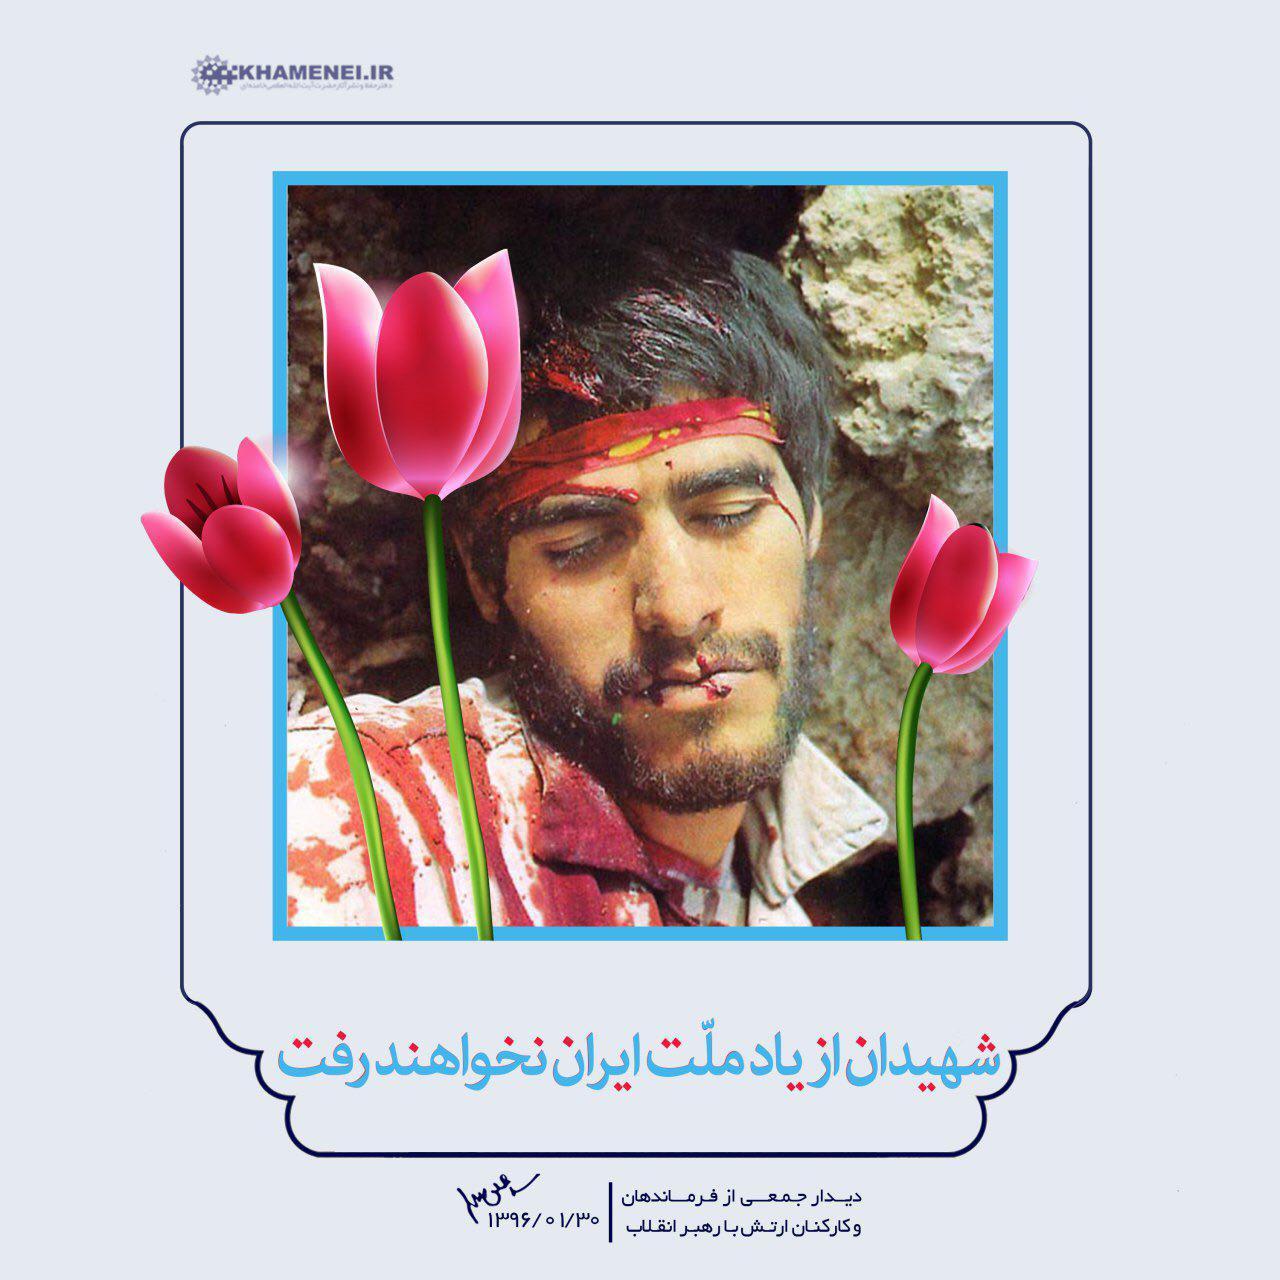 امام خامنه ای: شهیدان از یاد ملت ایران نخواهند رفت